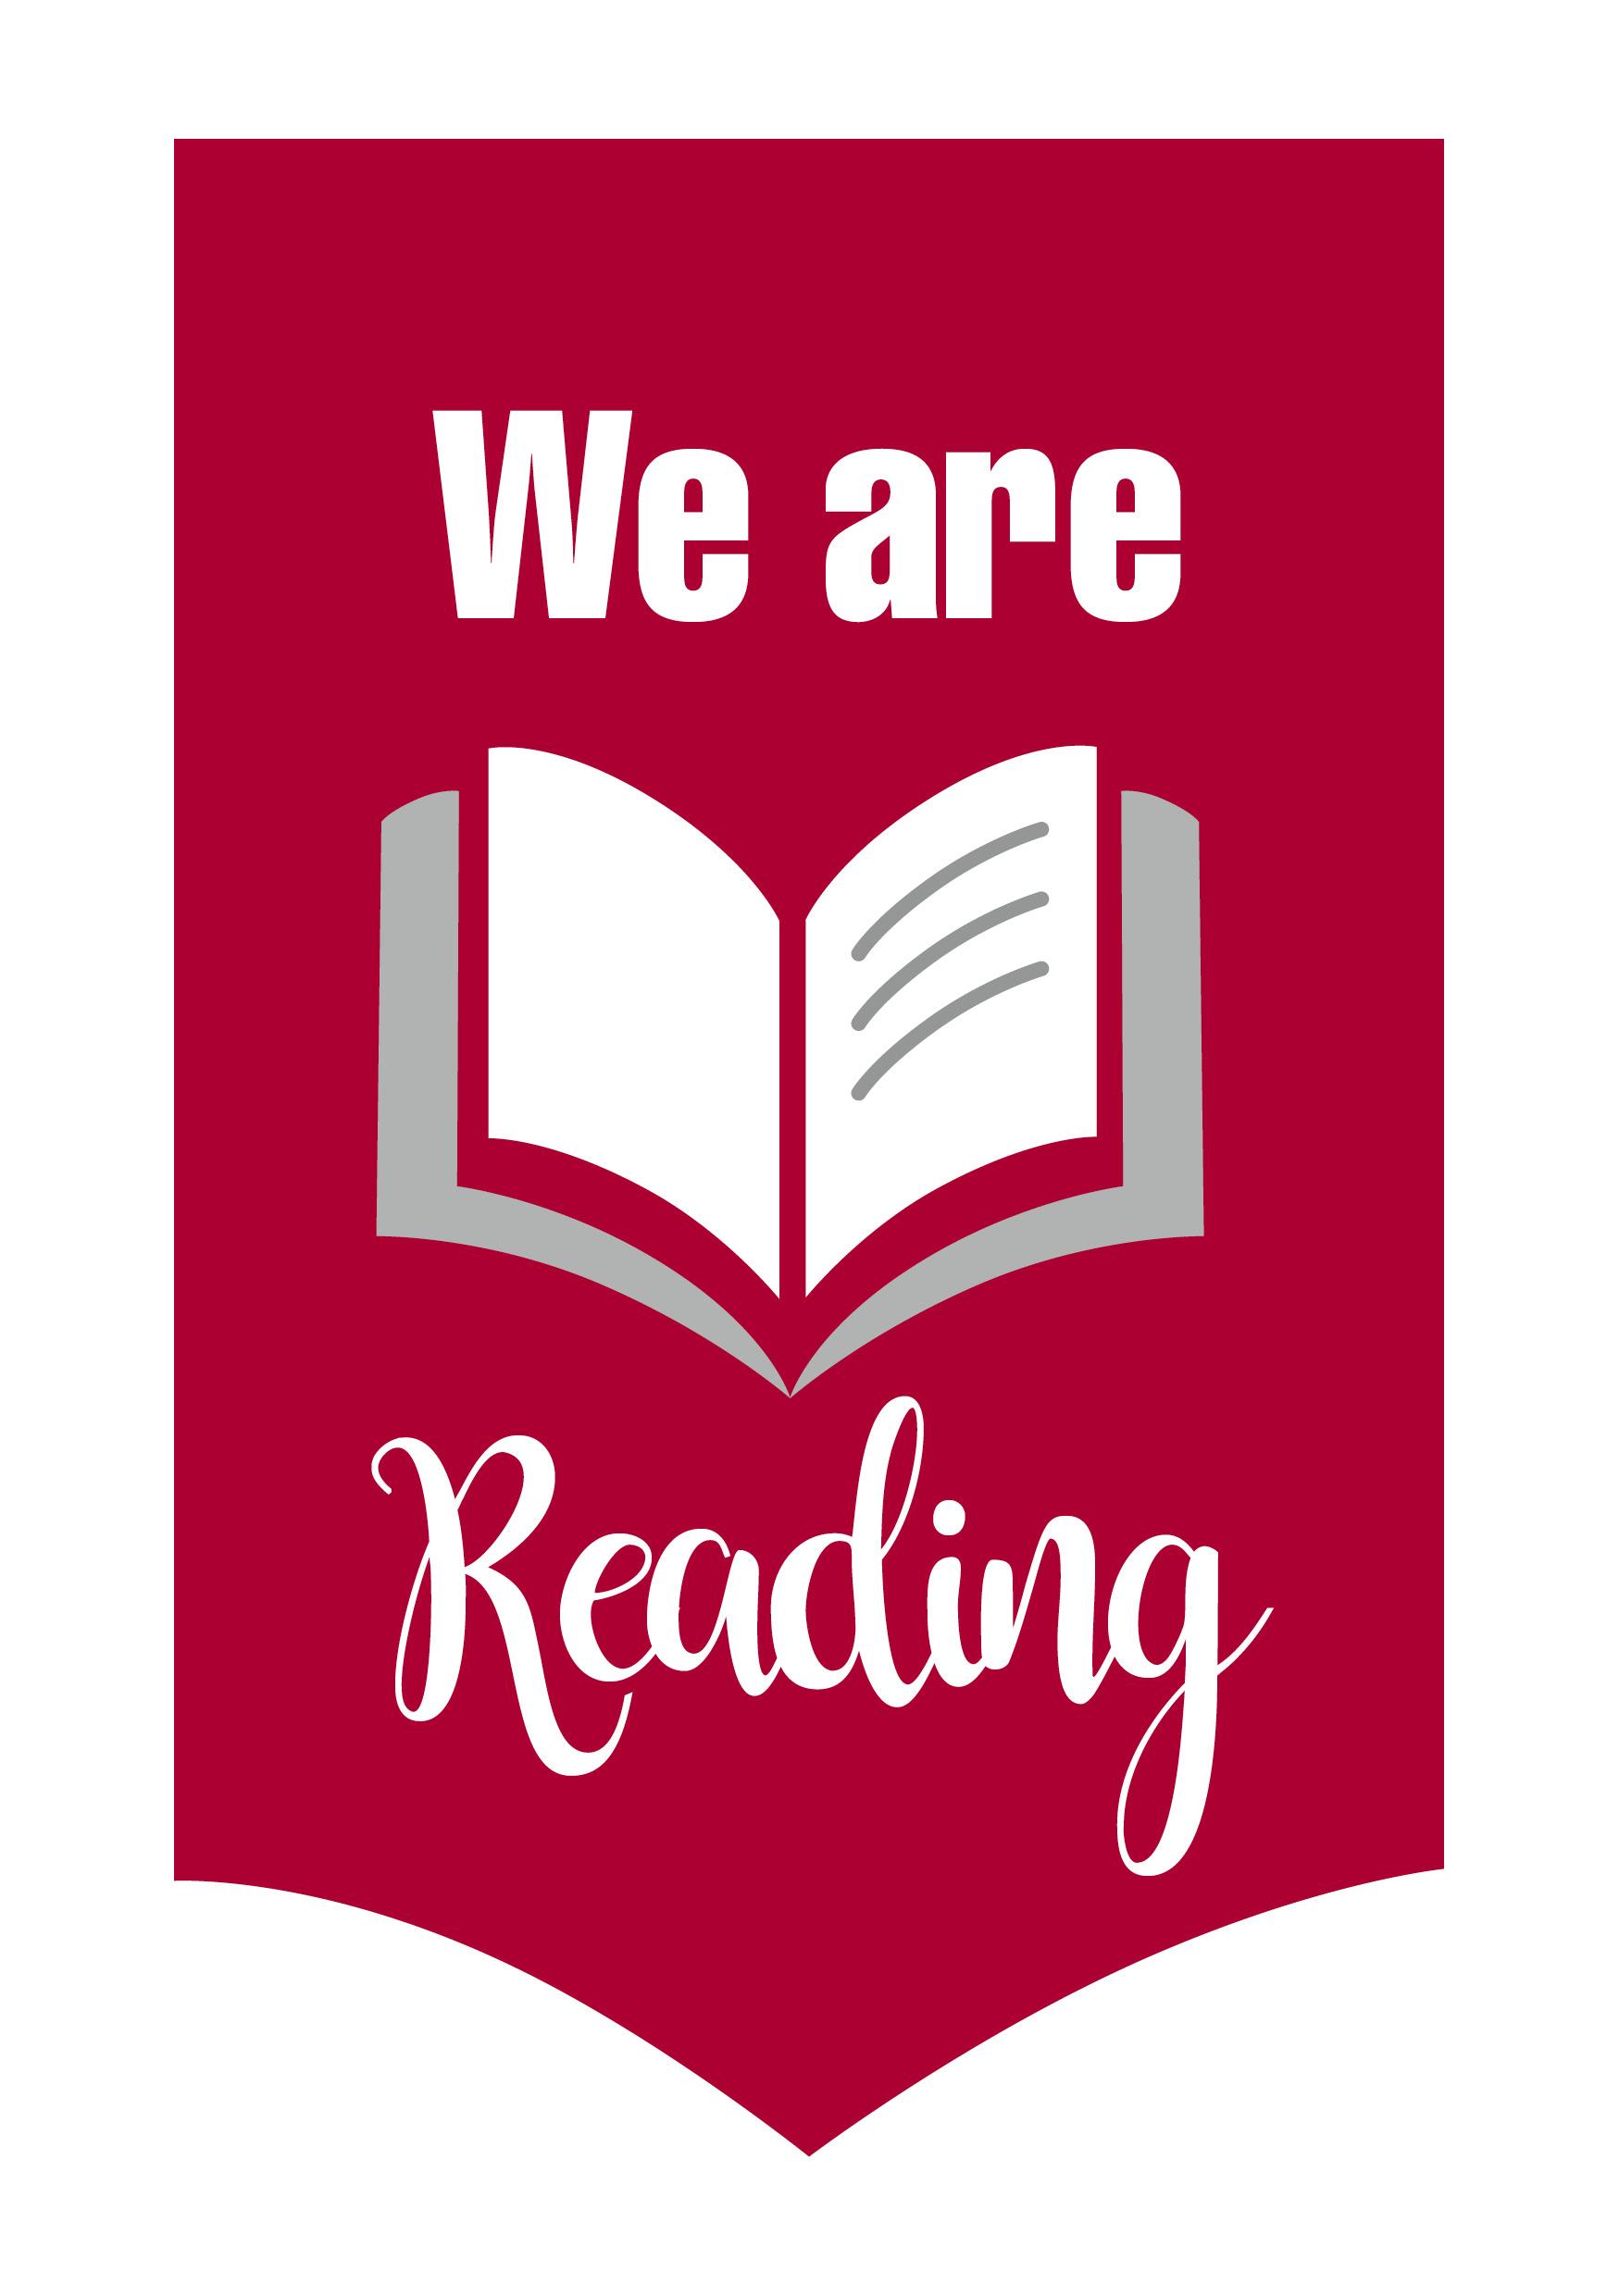 Reading School Pledge